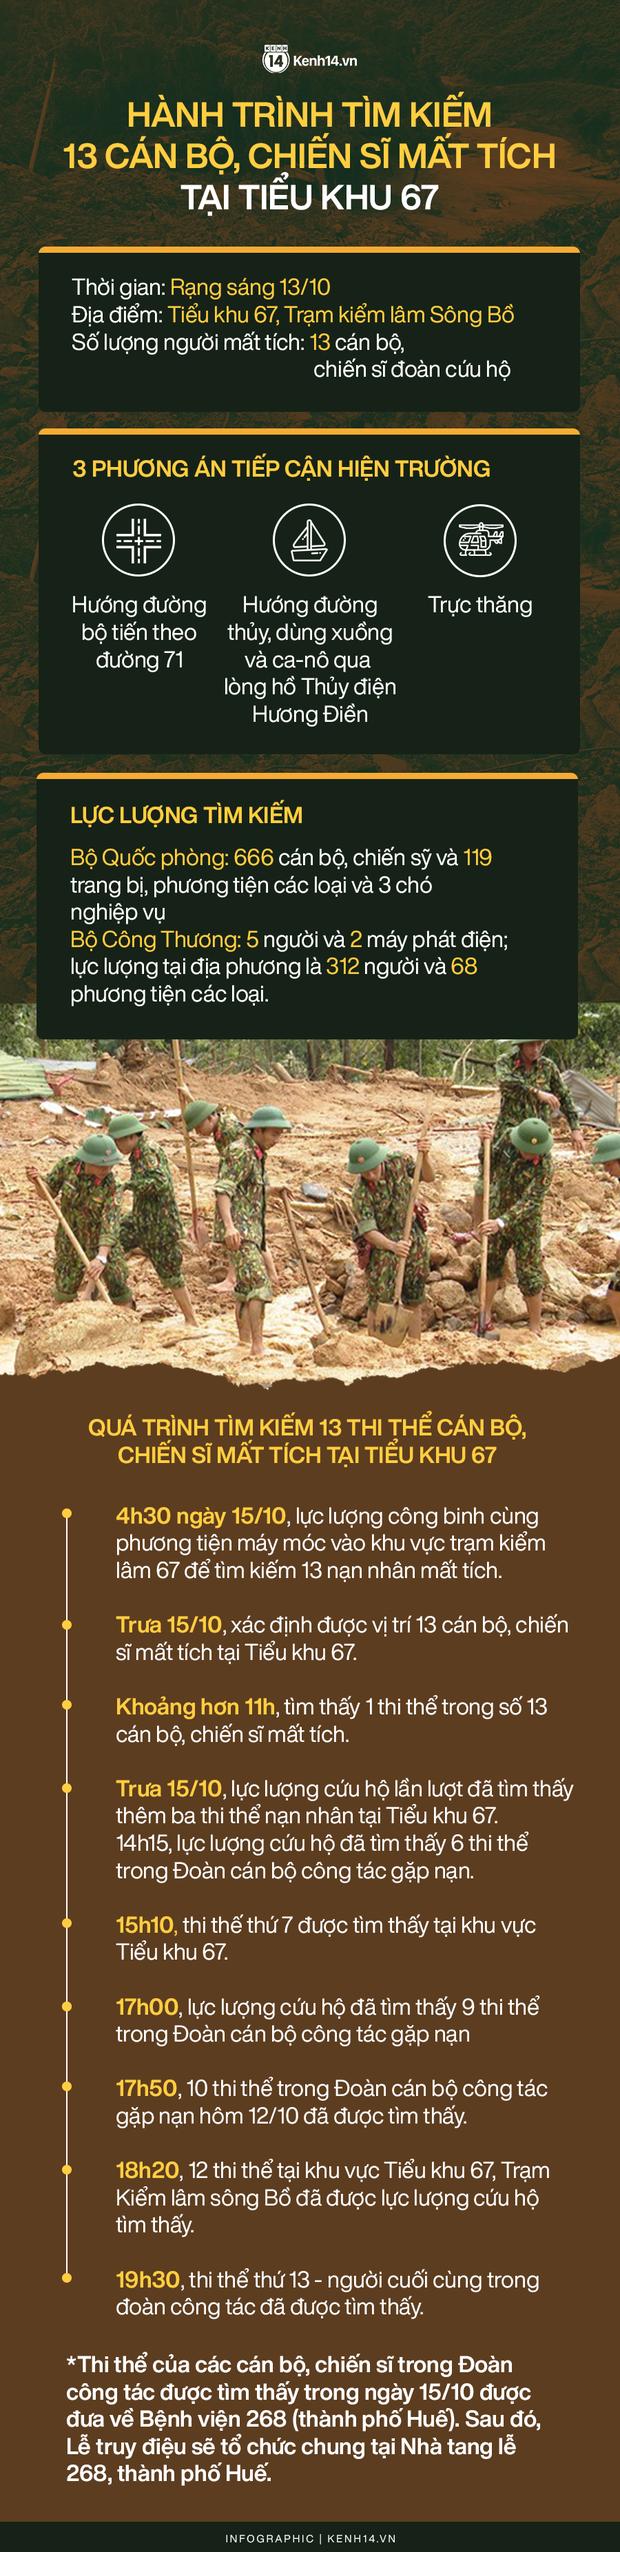 Hành trình tìm kiếm 13 cán bộ, chiến sĩ hy sinh tại Tiểu khu 67 - Ảnh 1.